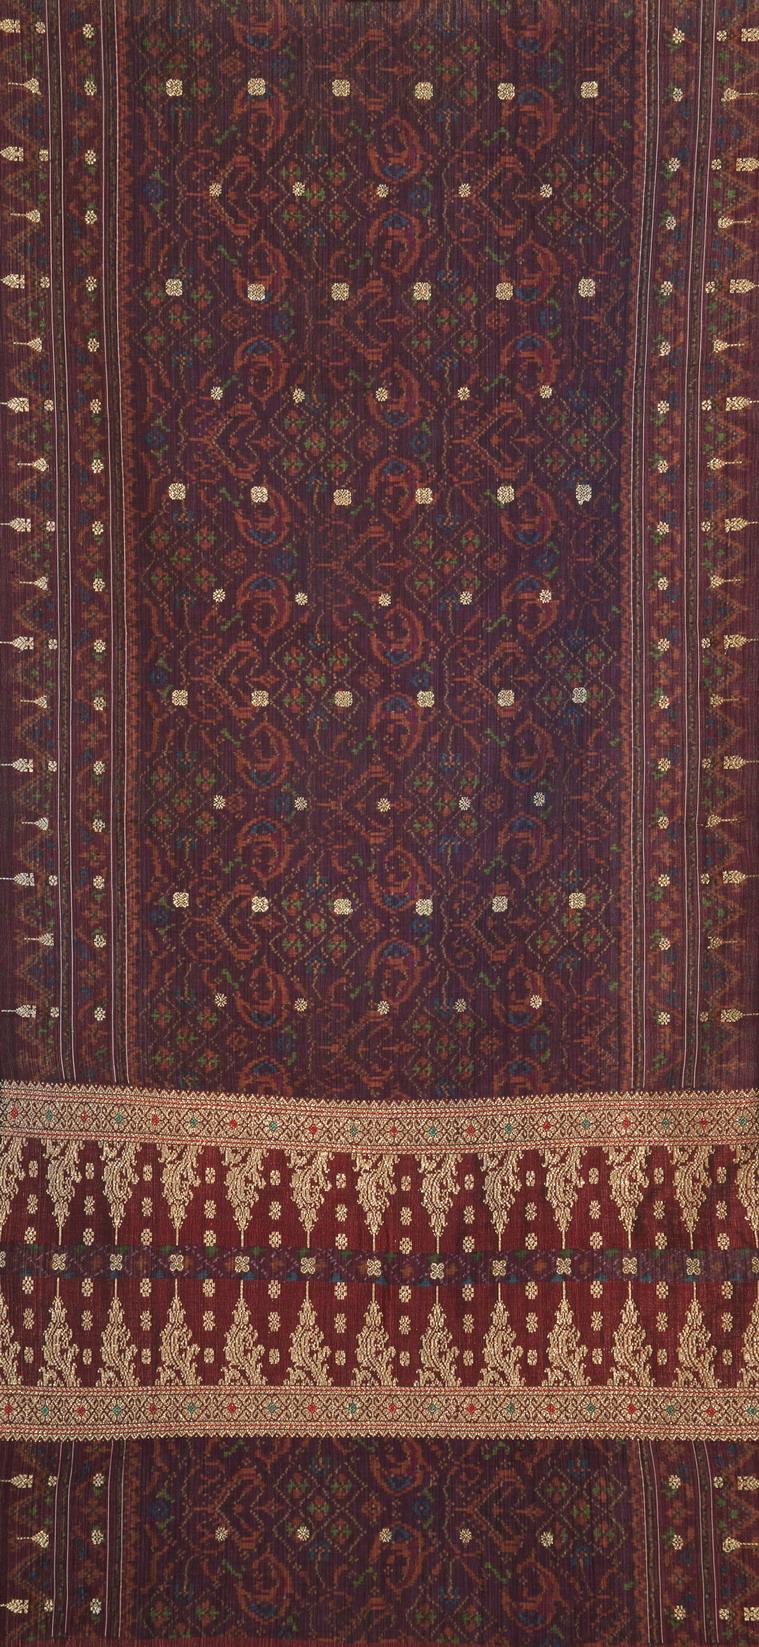 06 印尼蘇門答臘傳統Kain Limar織錦(Kain limar songket, Sumatra, INDONESIA)